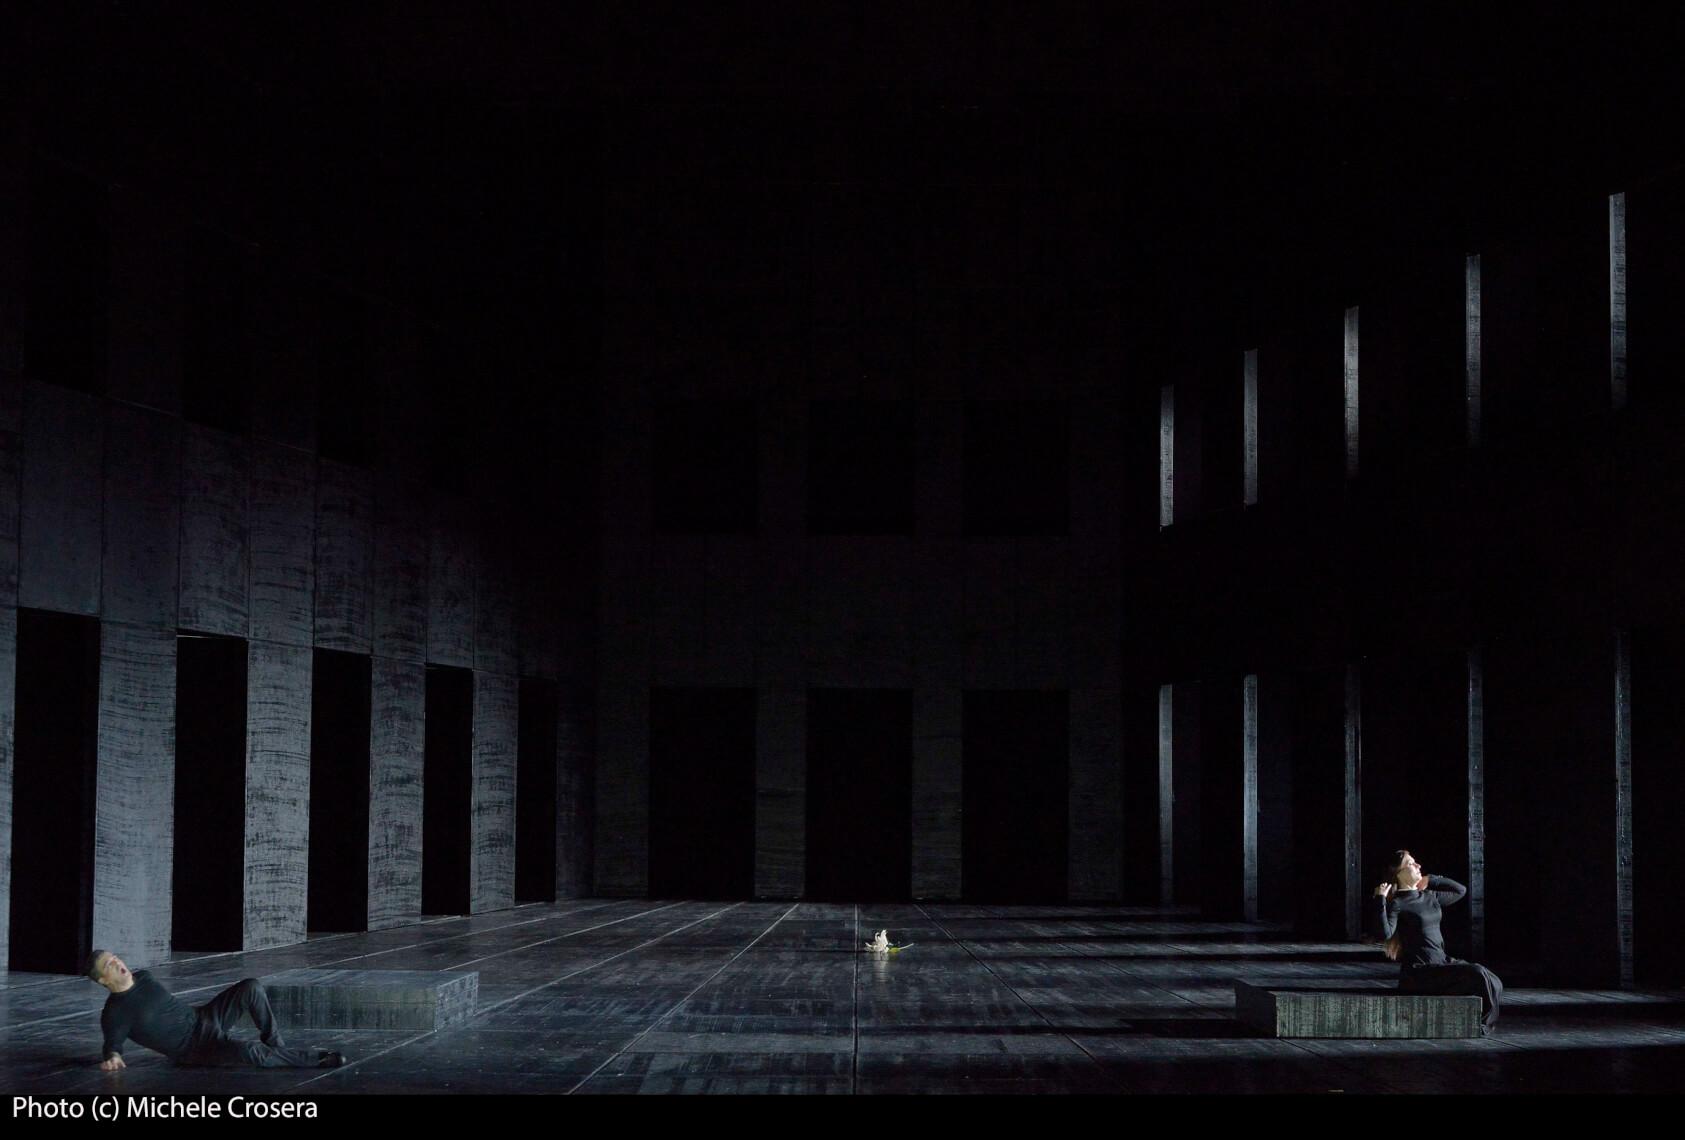 Teatro La Fenice - Don Carlo, a. I.2 sc. 4 - foto @ Michele Crosera